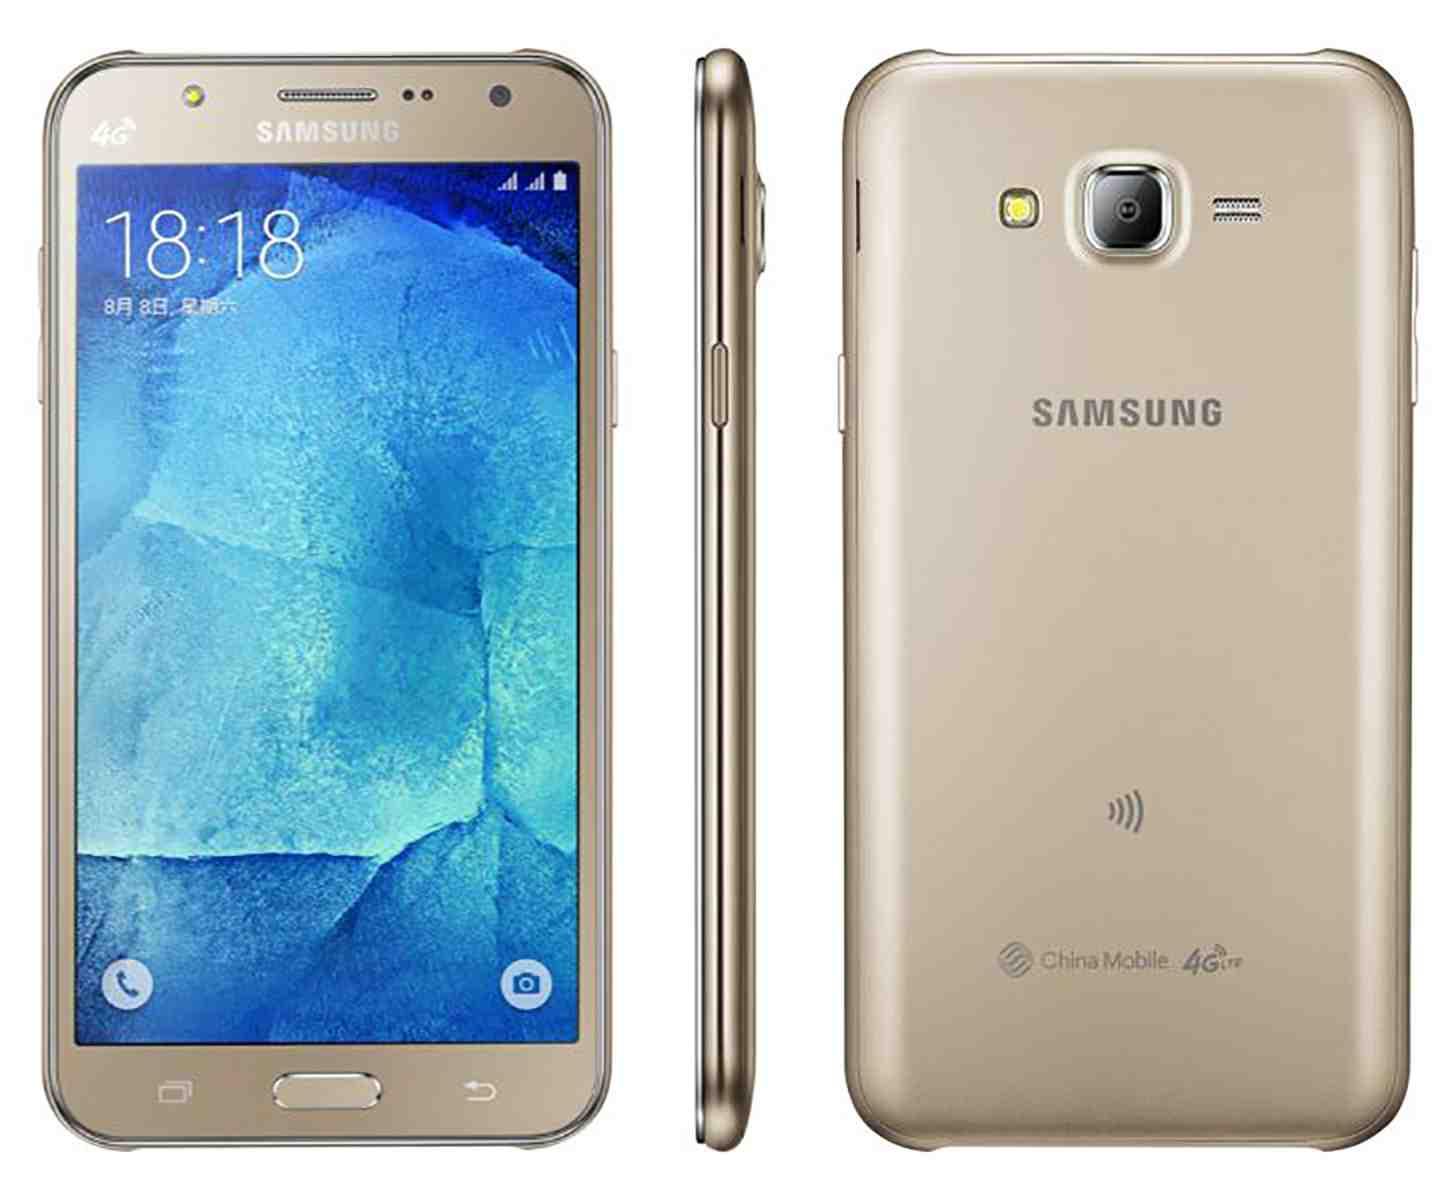 Soluzione per riscaldare Samsung Galaxy J7 [come raffreddare mobile] 1